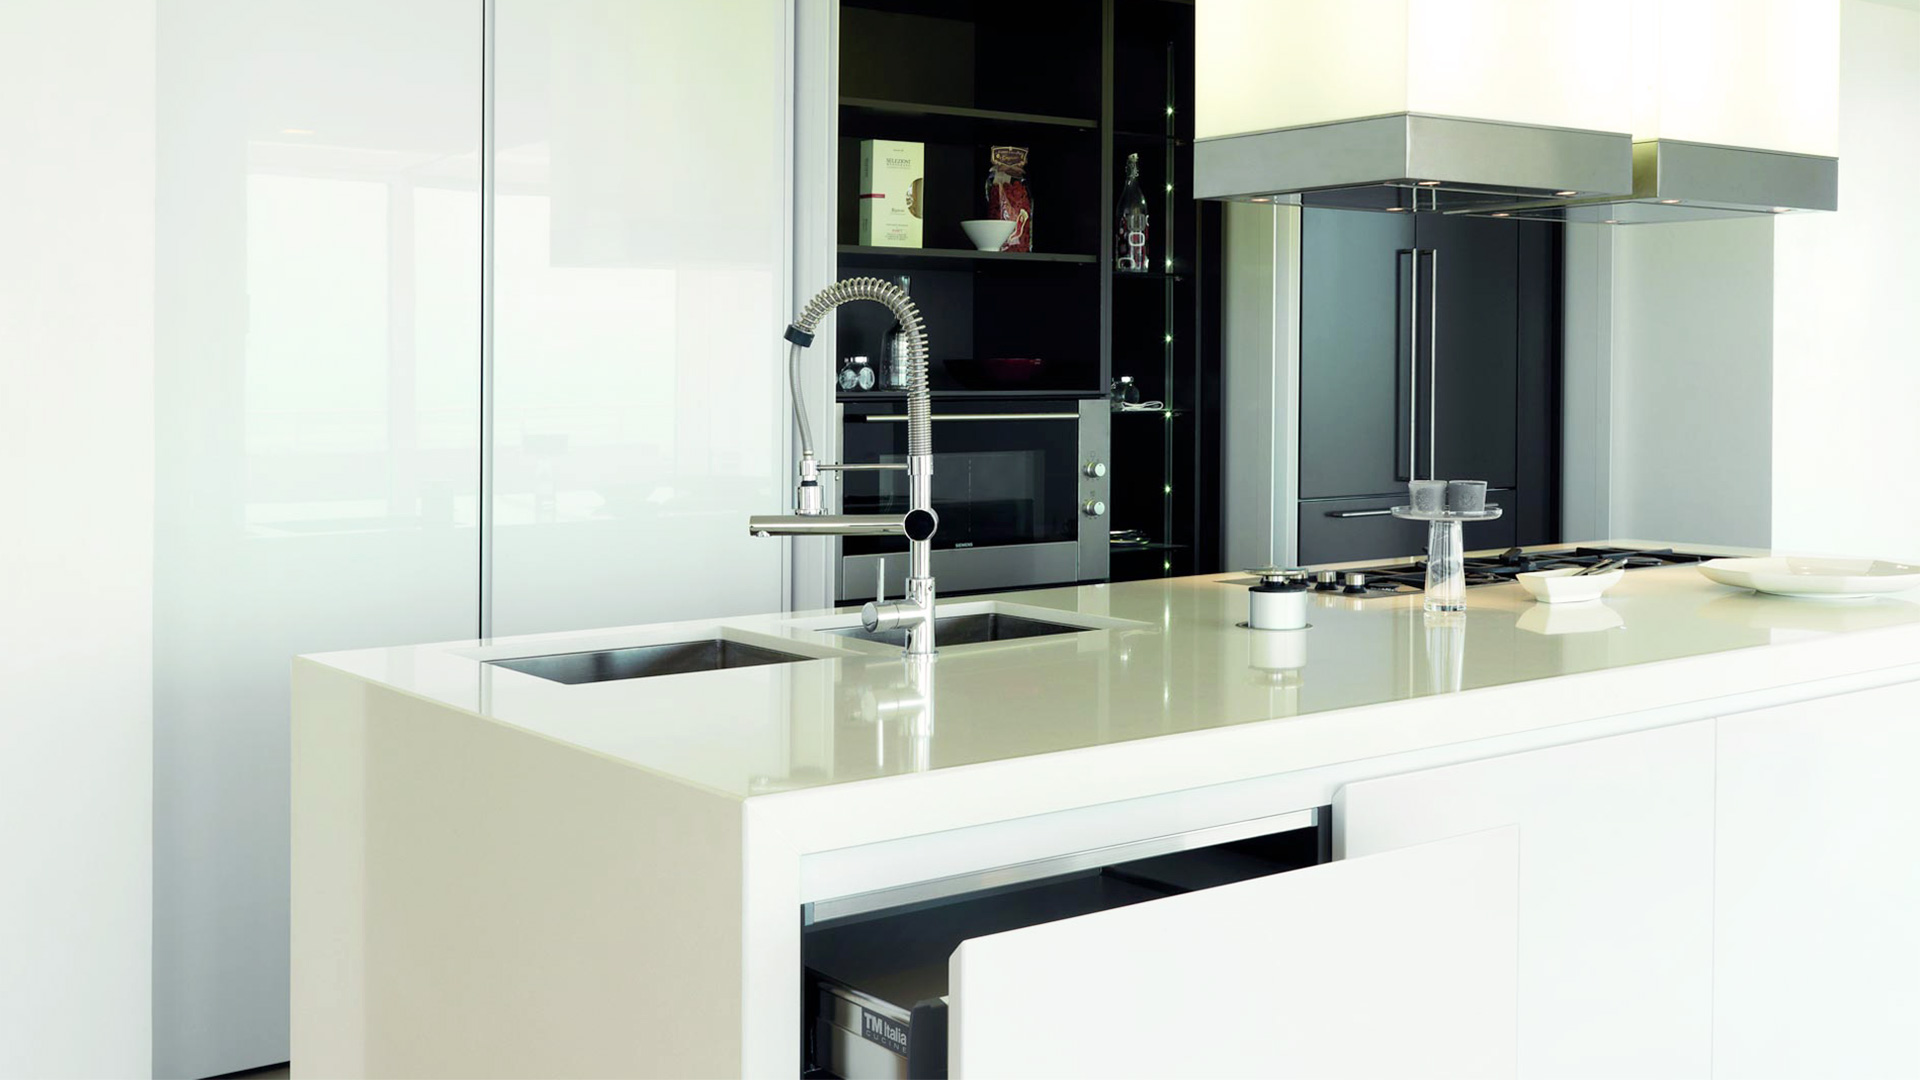 Credenza Con Cucina Incorporata : Credenza con tavolo estraibile incorporato awesome cucina